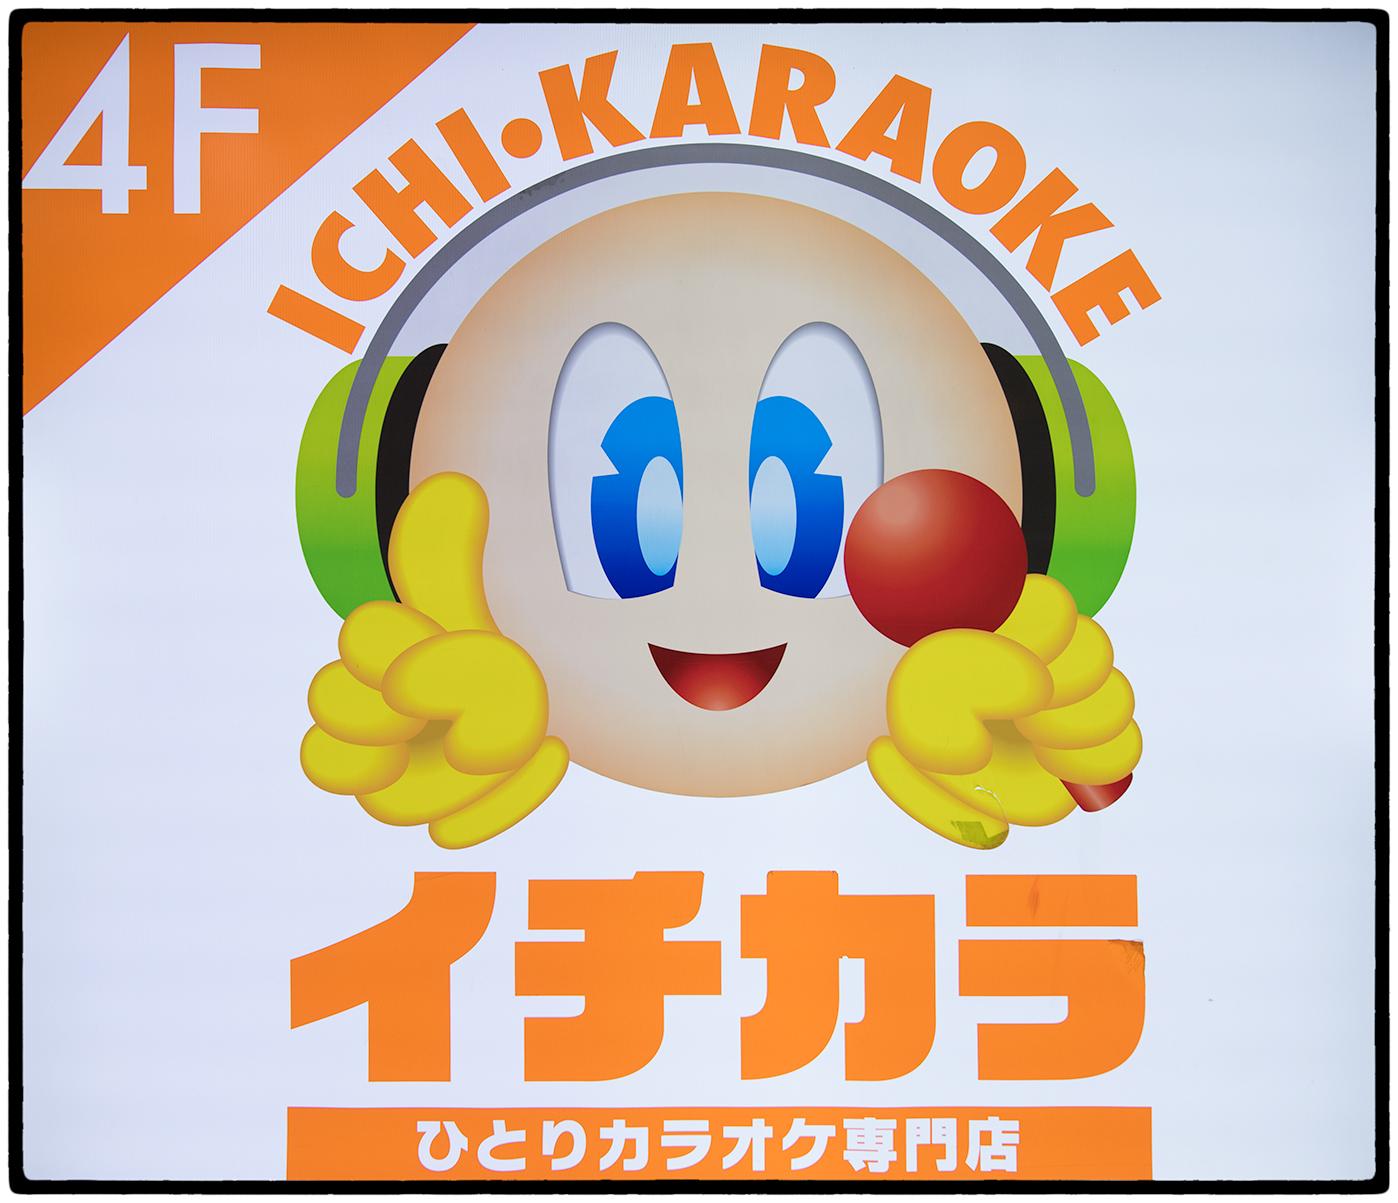 24 hour Karaoke, Kyoto